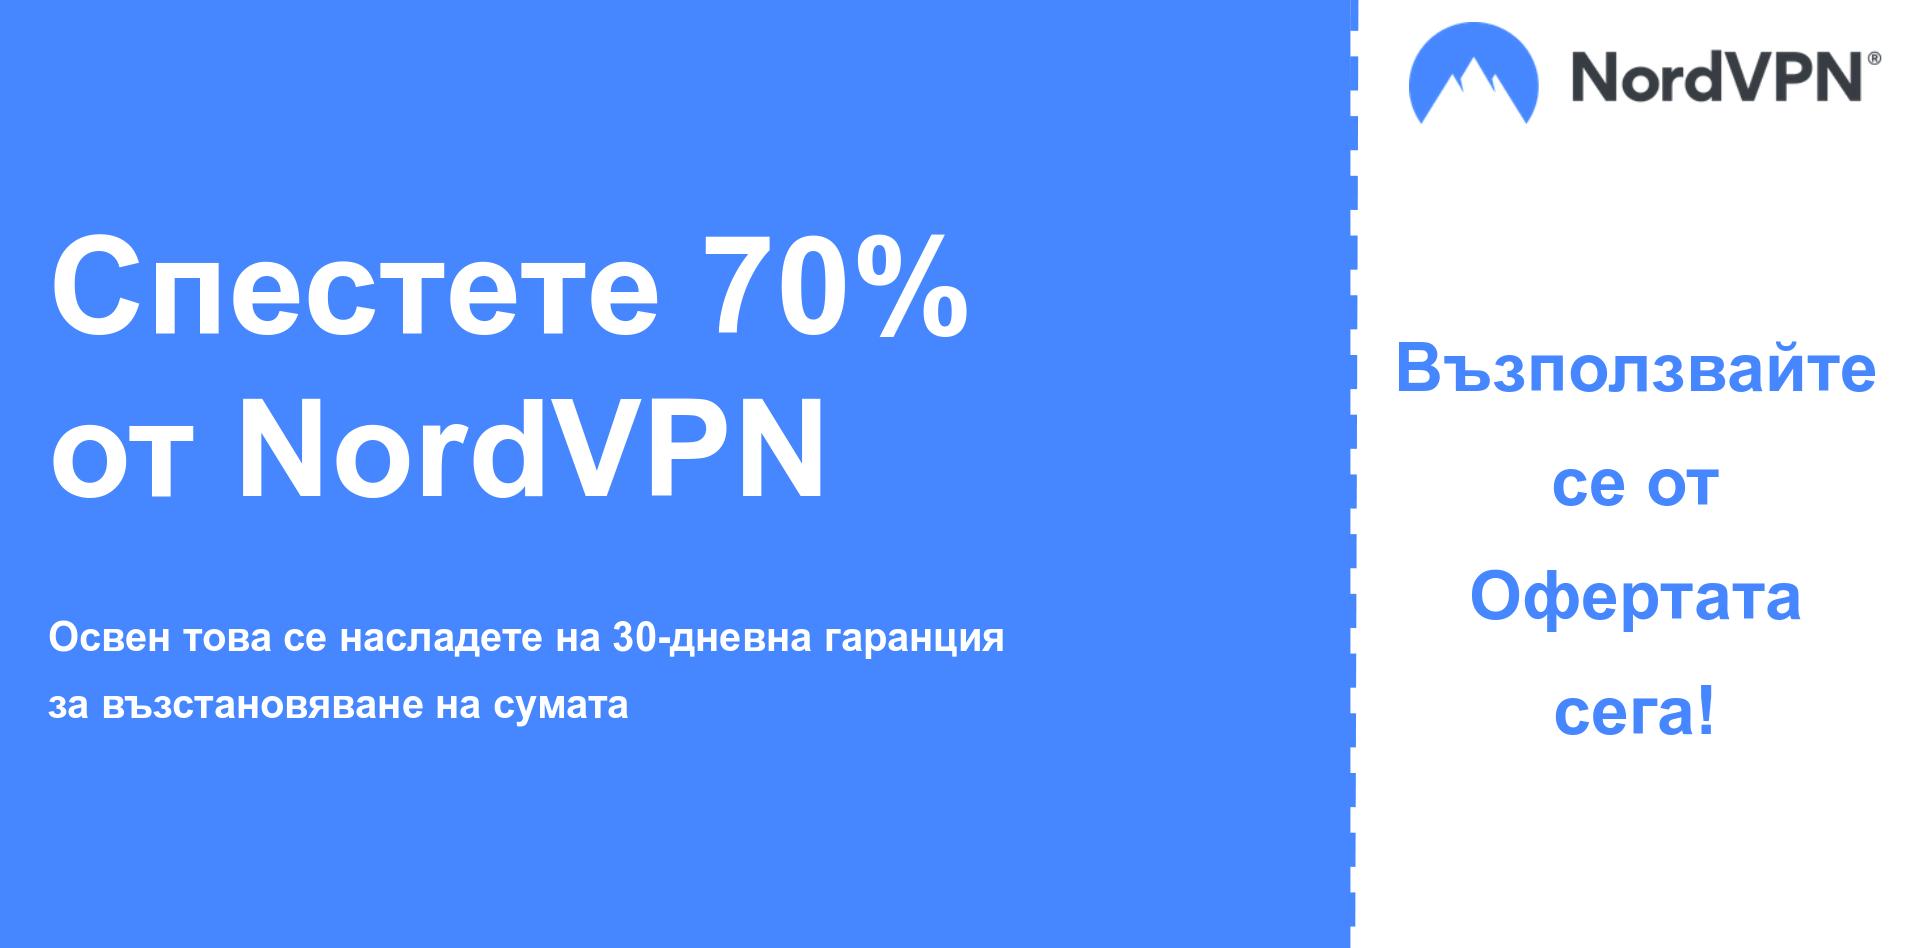 графика на банера на основния талон на Nordvpn, показващ 70% отстъпка